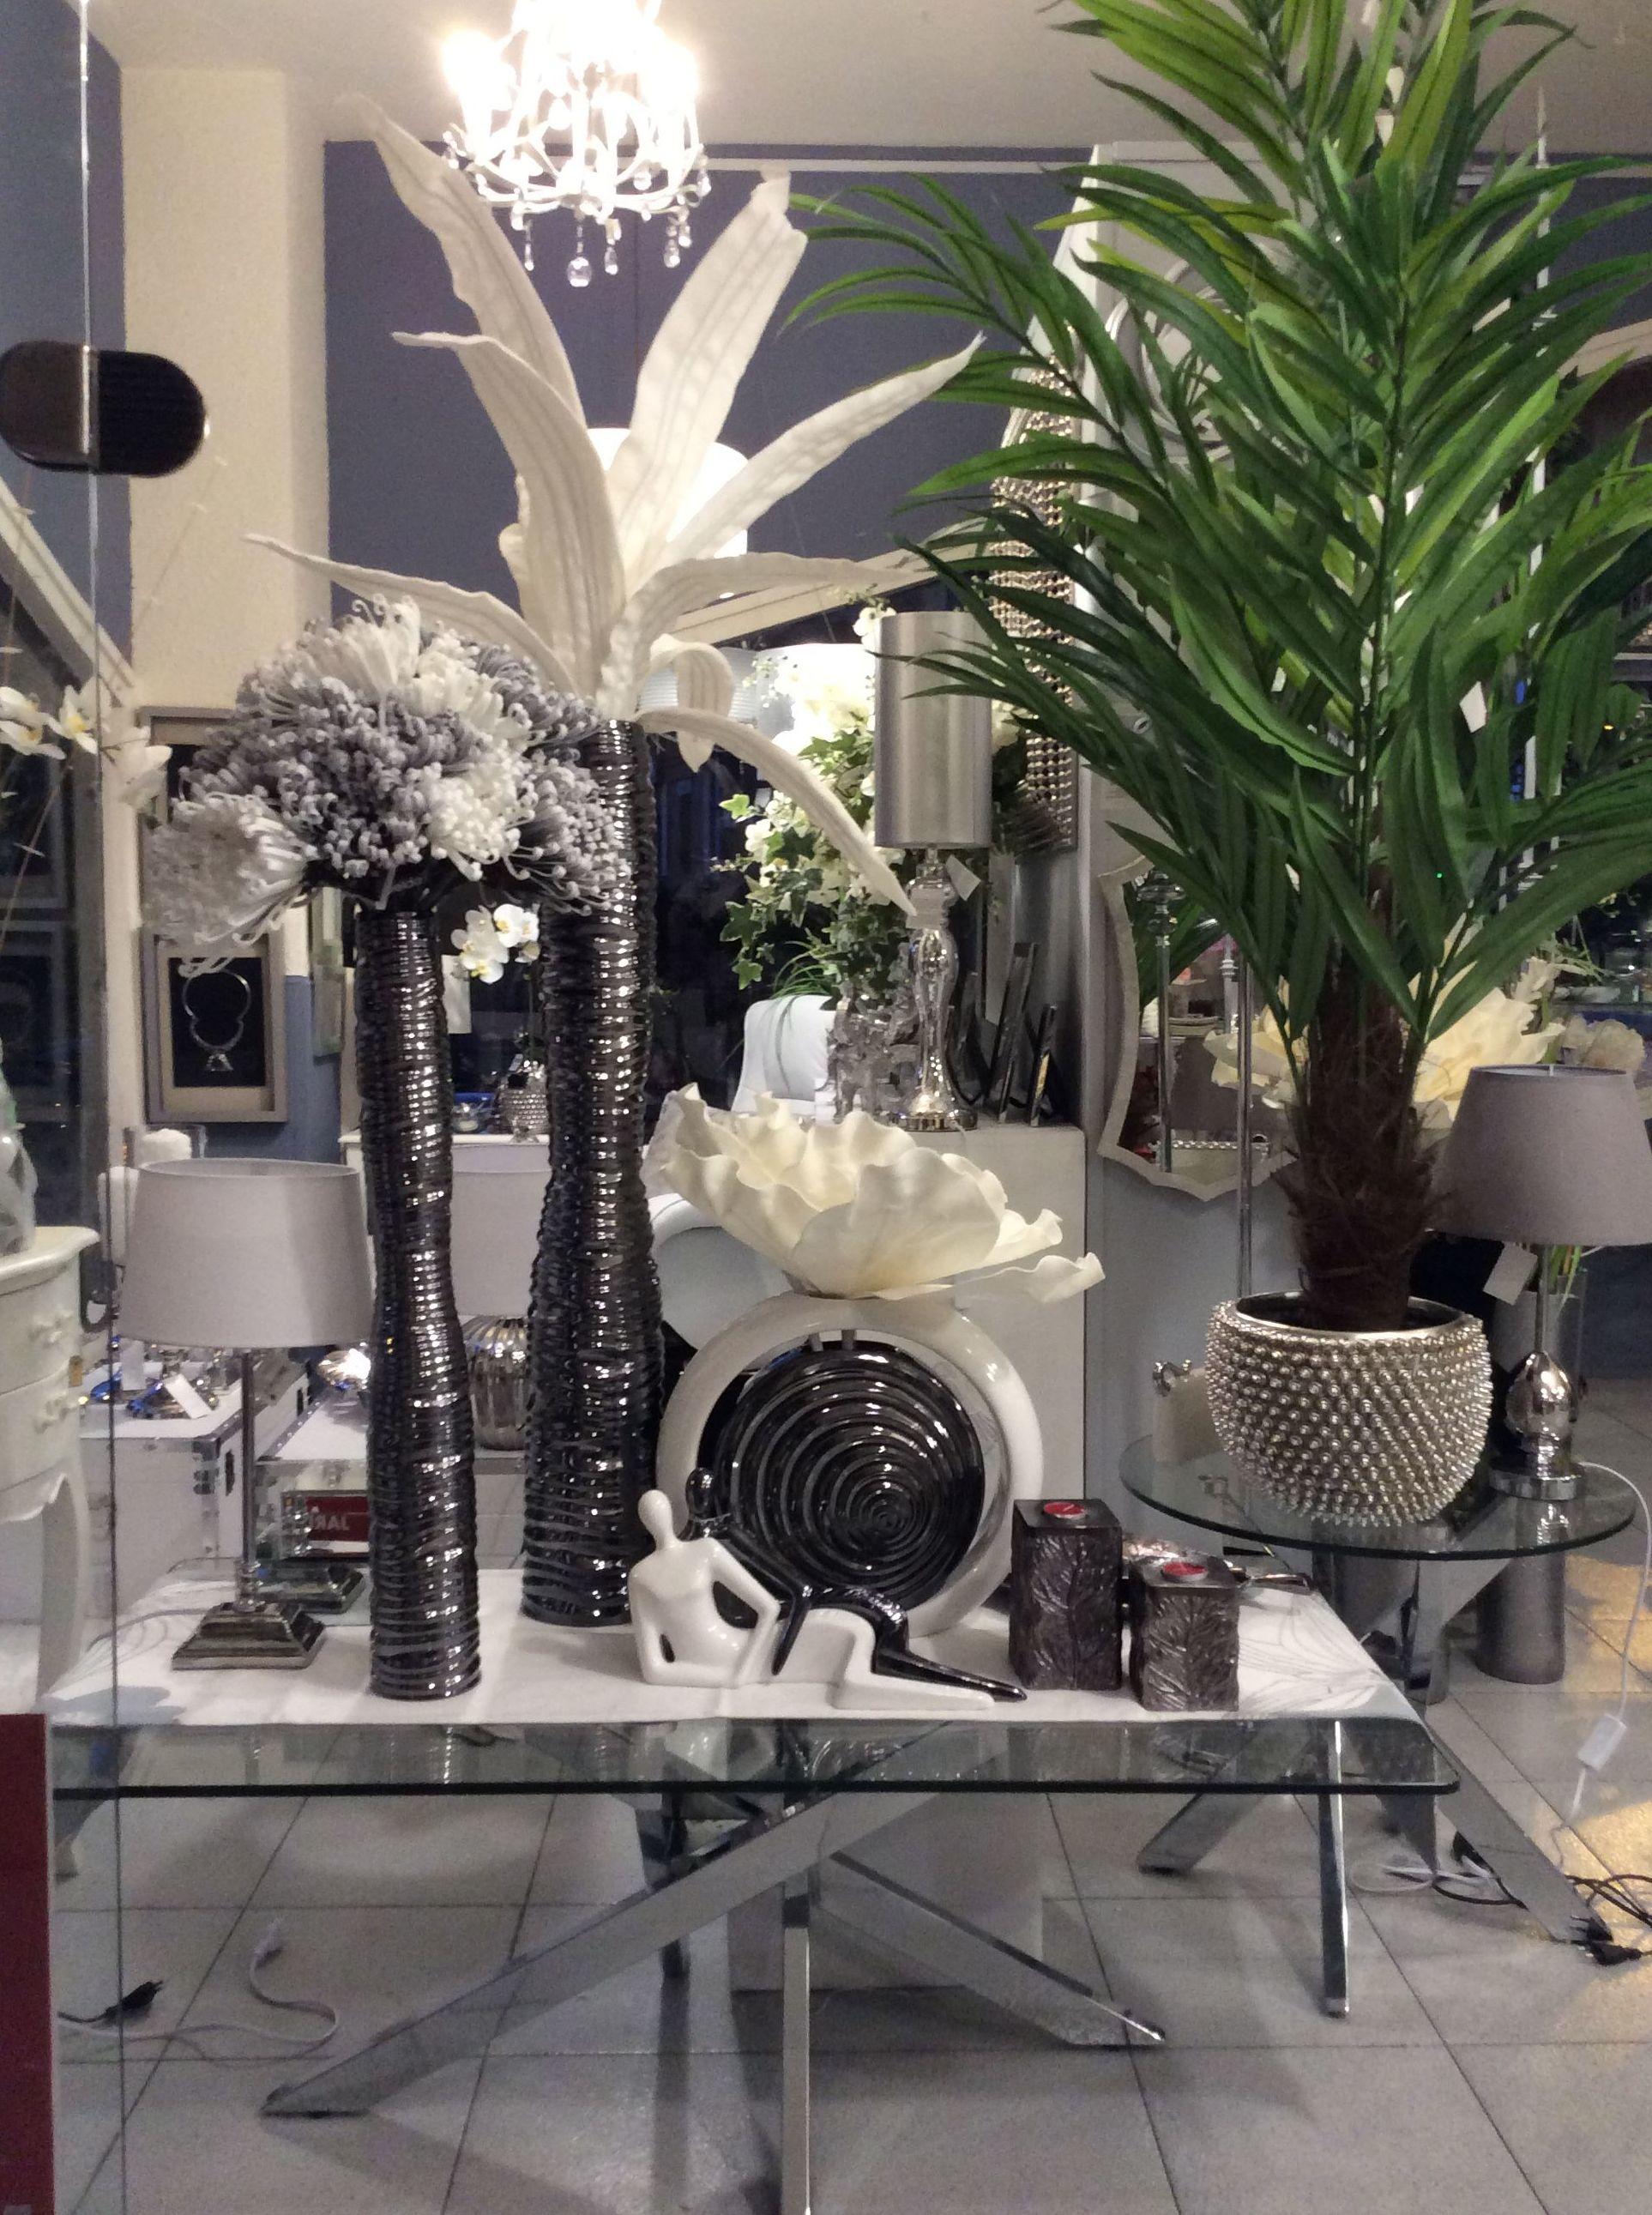 blancos y metales, la nueva tendencia de decoración